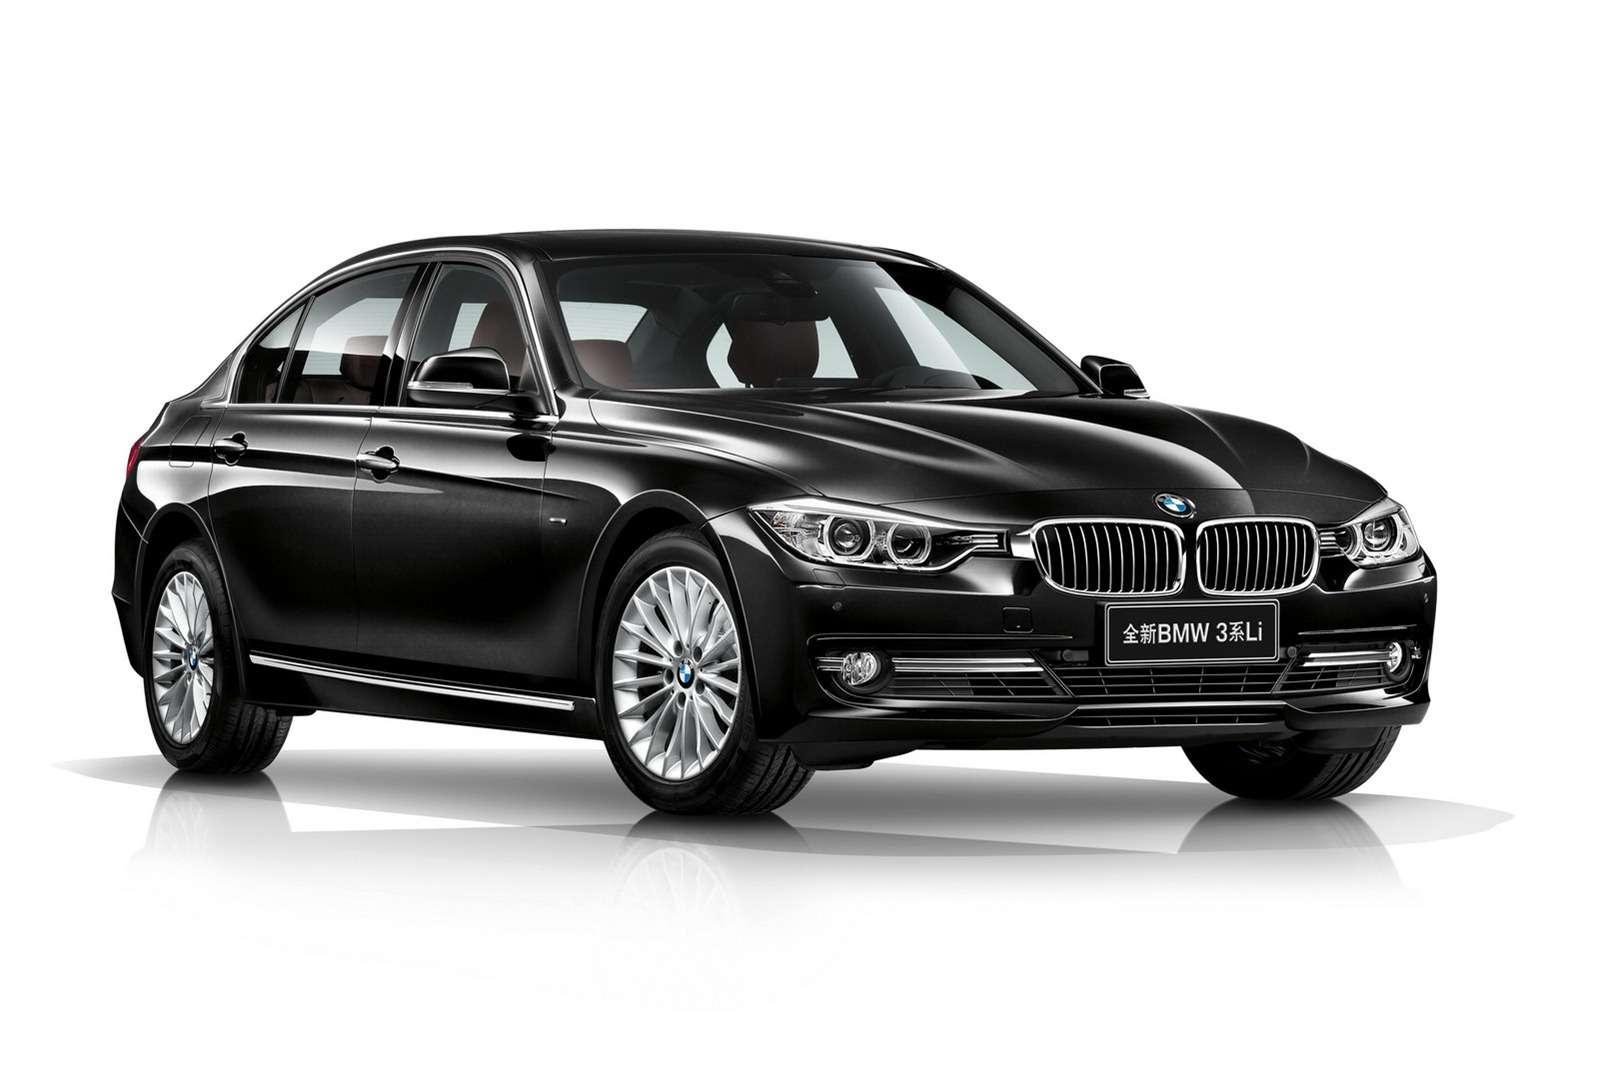 Nowe BMW serii 3 LWB wydłużone